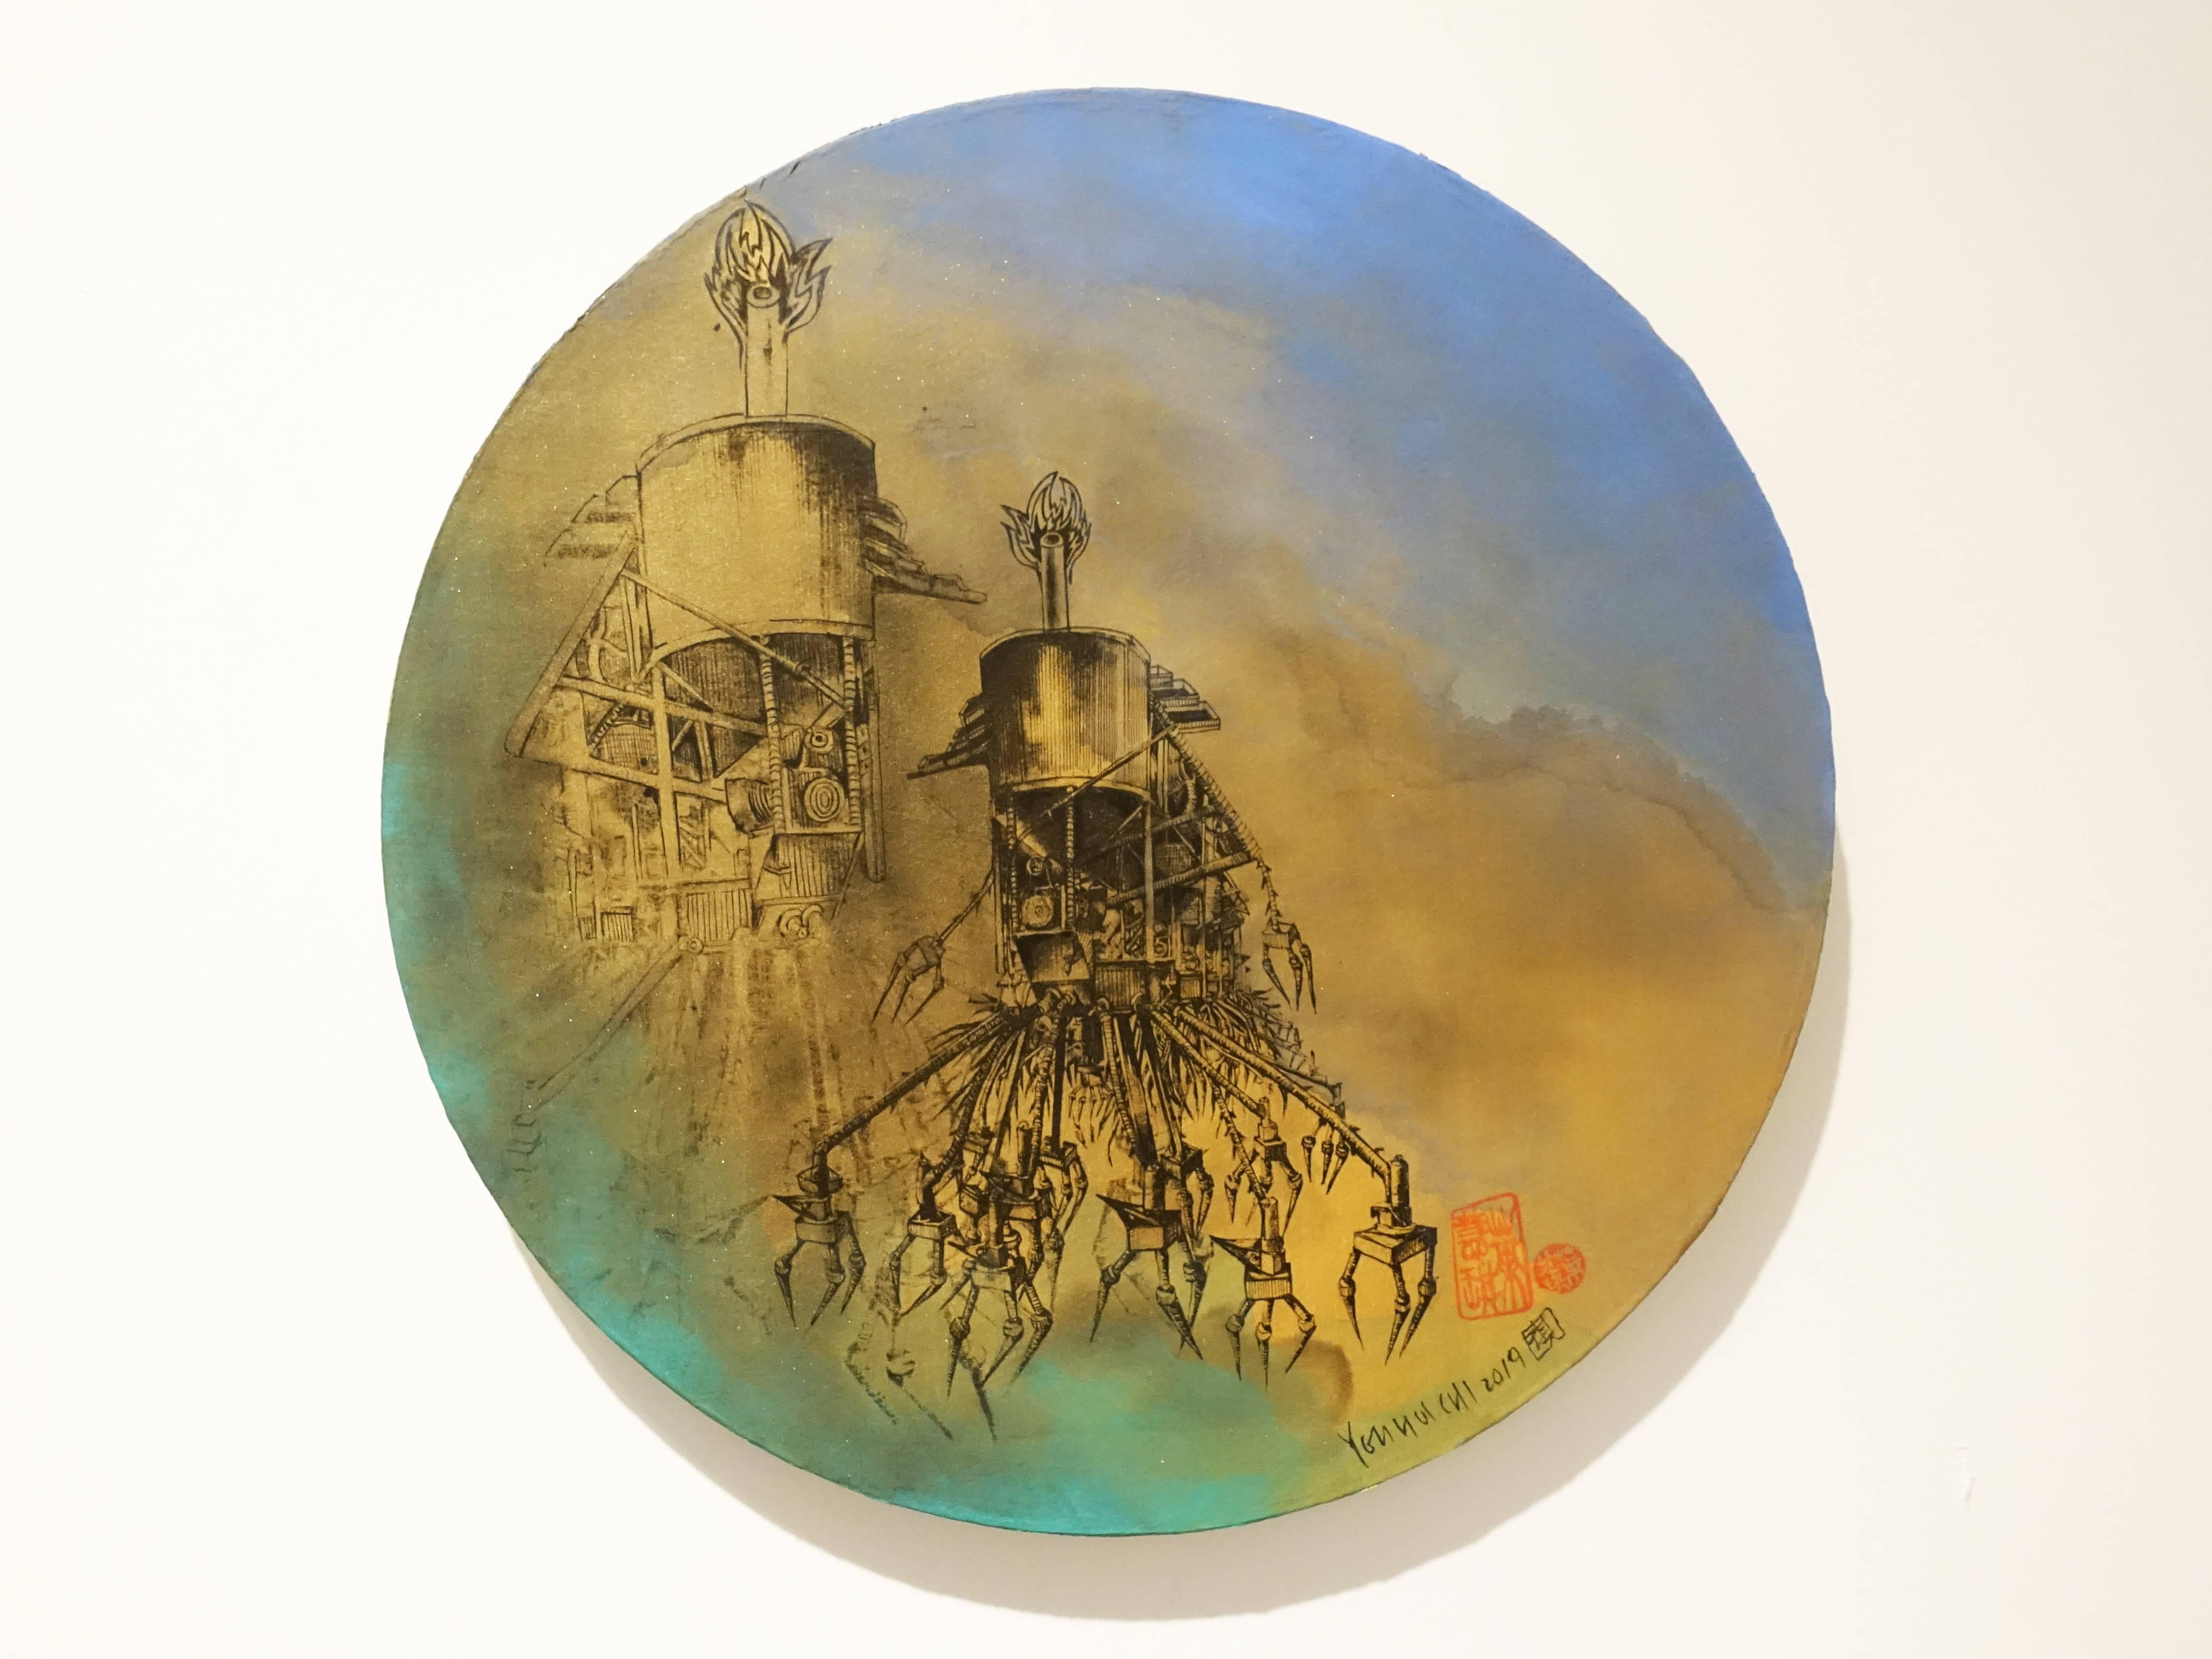 葉慧琪,《機械群46》,30 x 30 cm,綜合媒材、絹布。